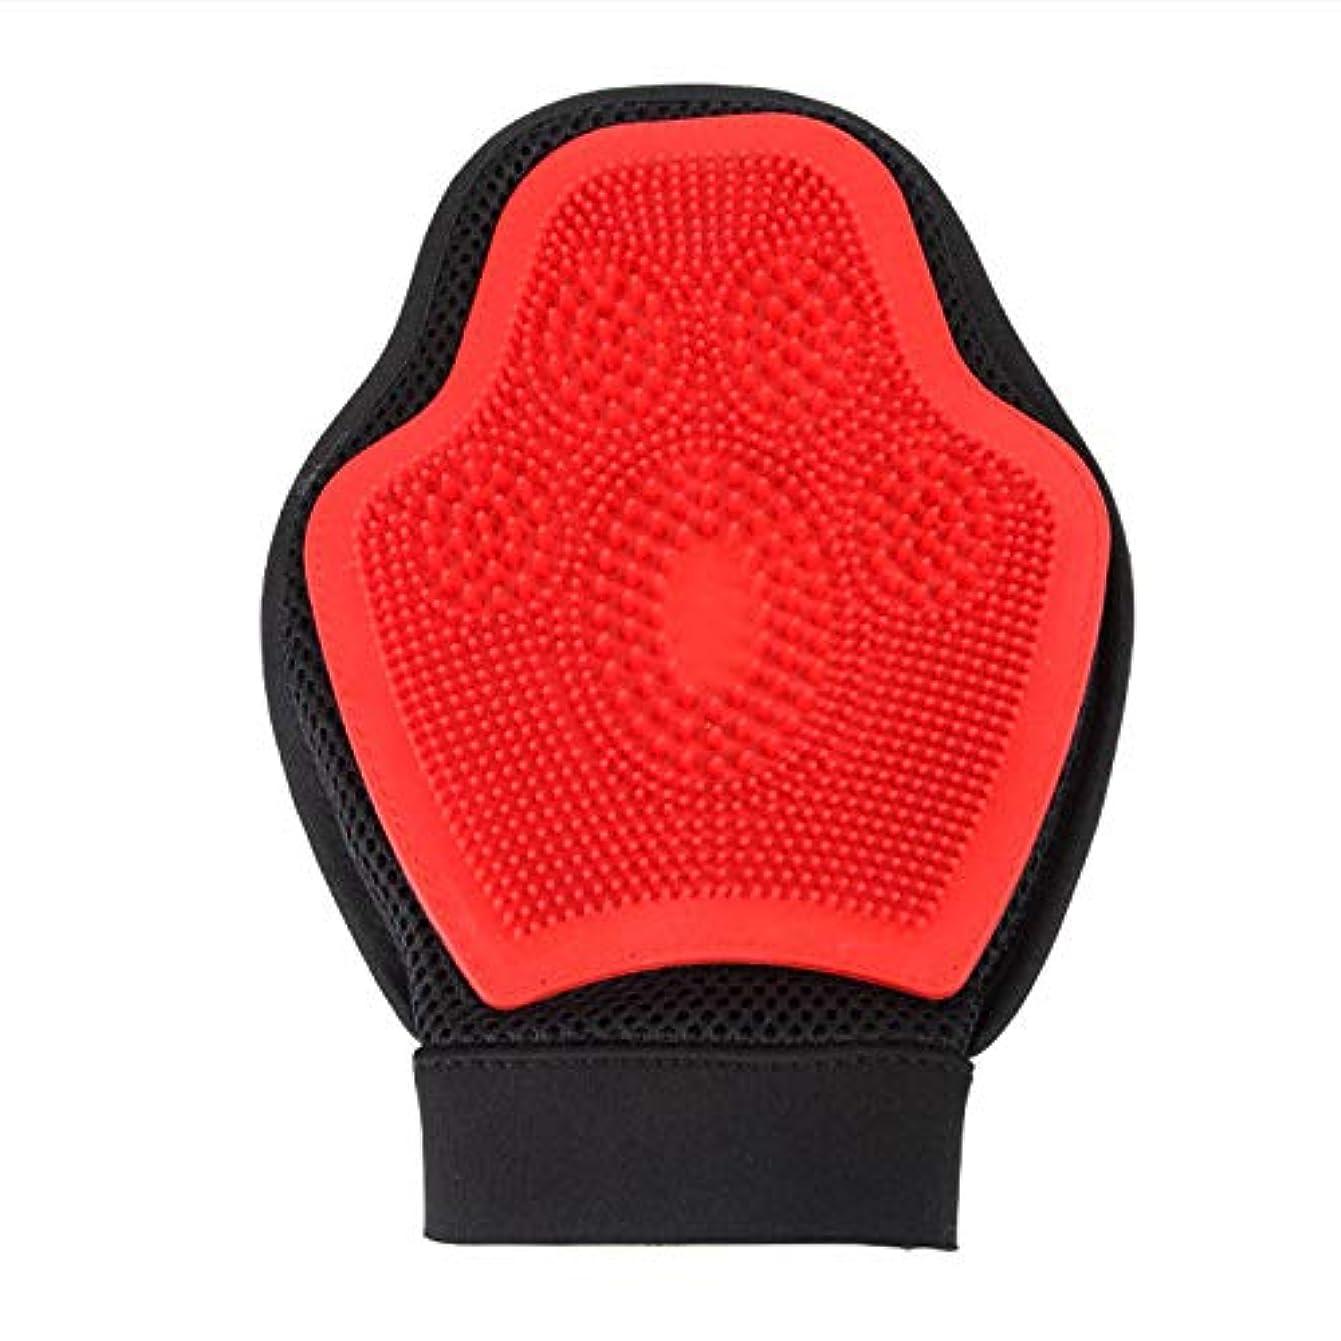 十年嵐の知り合いになるBTXXYJP 手袋 ペット ブラシ グローブ 猫 ブラシ クリーナー 抜け毛取り ブラッシング マッサージブラシ 犬 グローブ ペット毛取りブラシ お手入れ (Color : Red, Size : L)